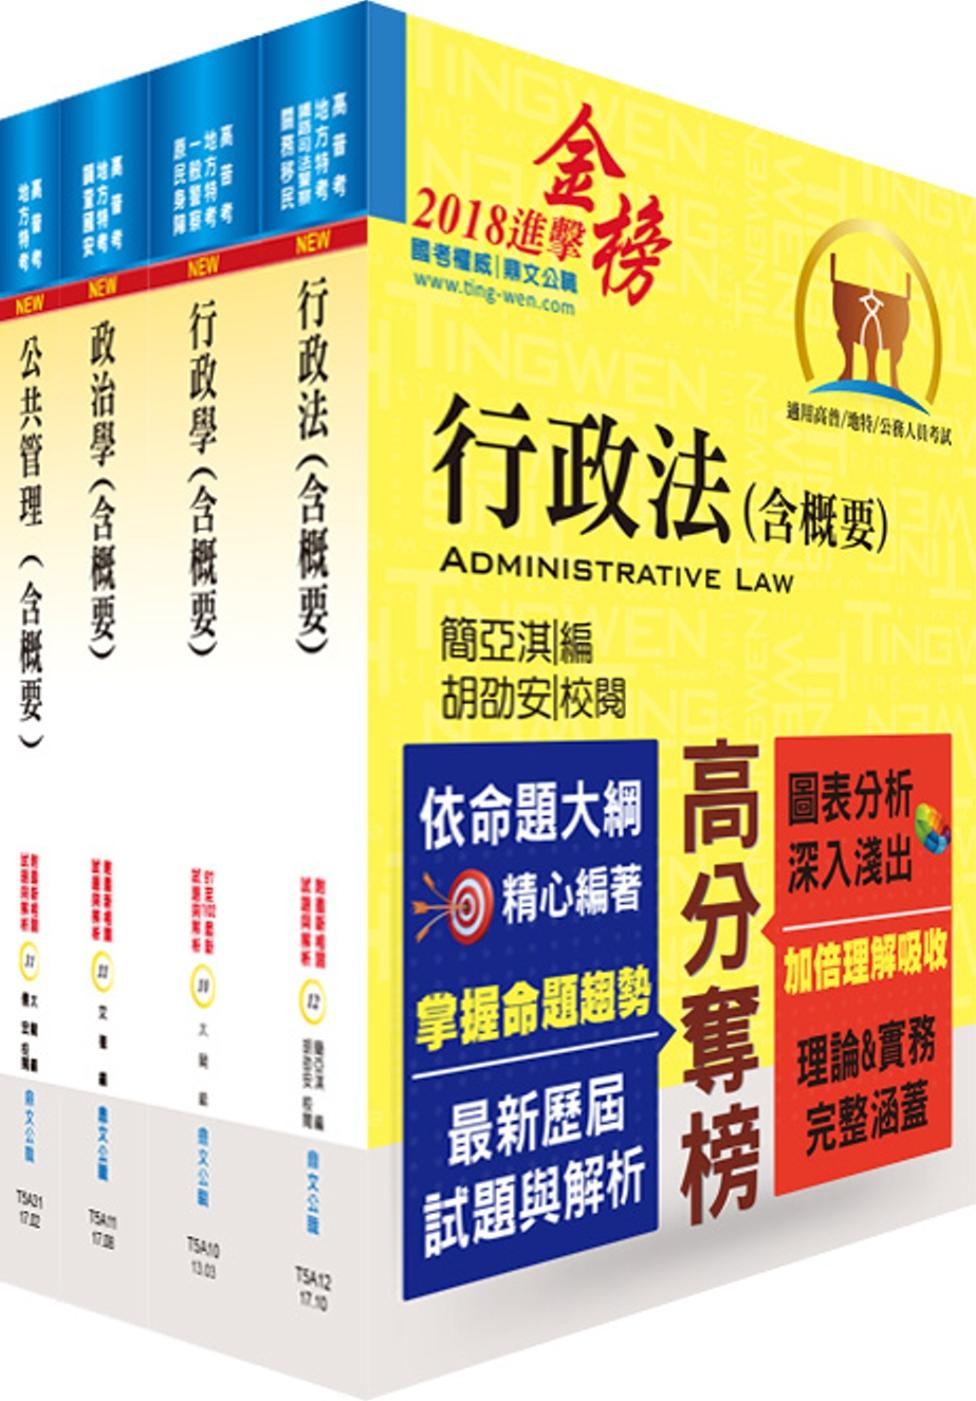 107年地方四等、普考(一般行政)專業科目套書(贈題庫網帳號、雲端課程)